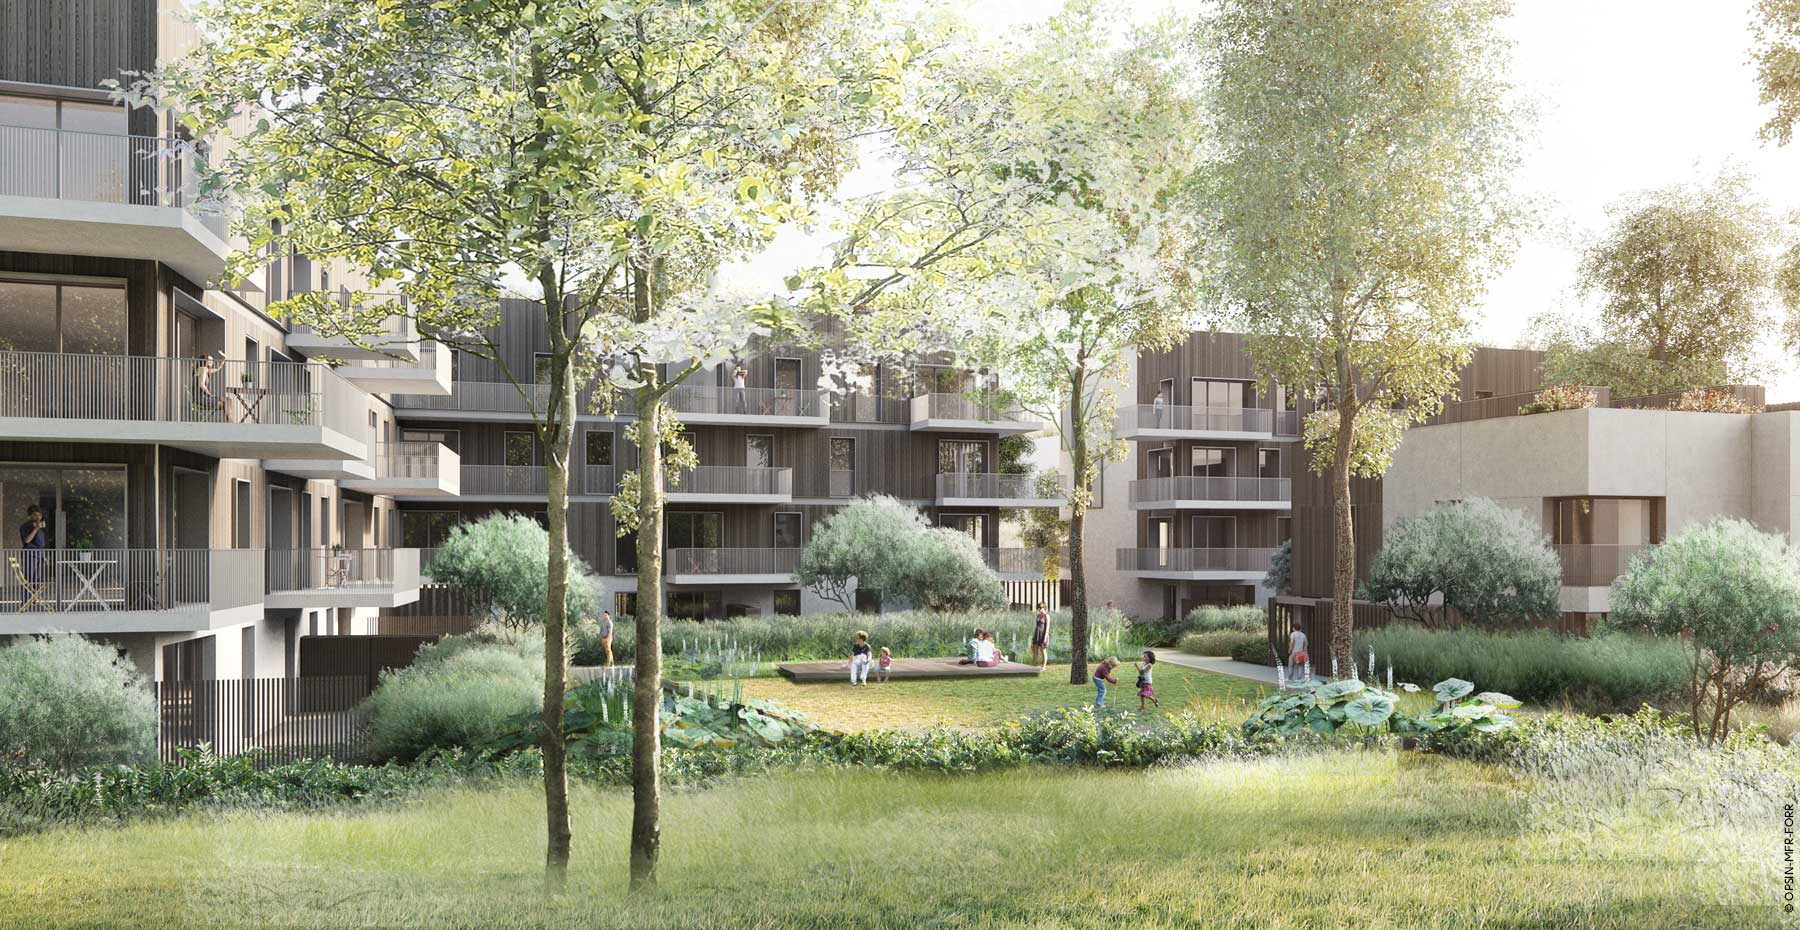 La clairière ; Nantes ; FORR - PAYSAGE | URBANISME ; FORR paysagiste